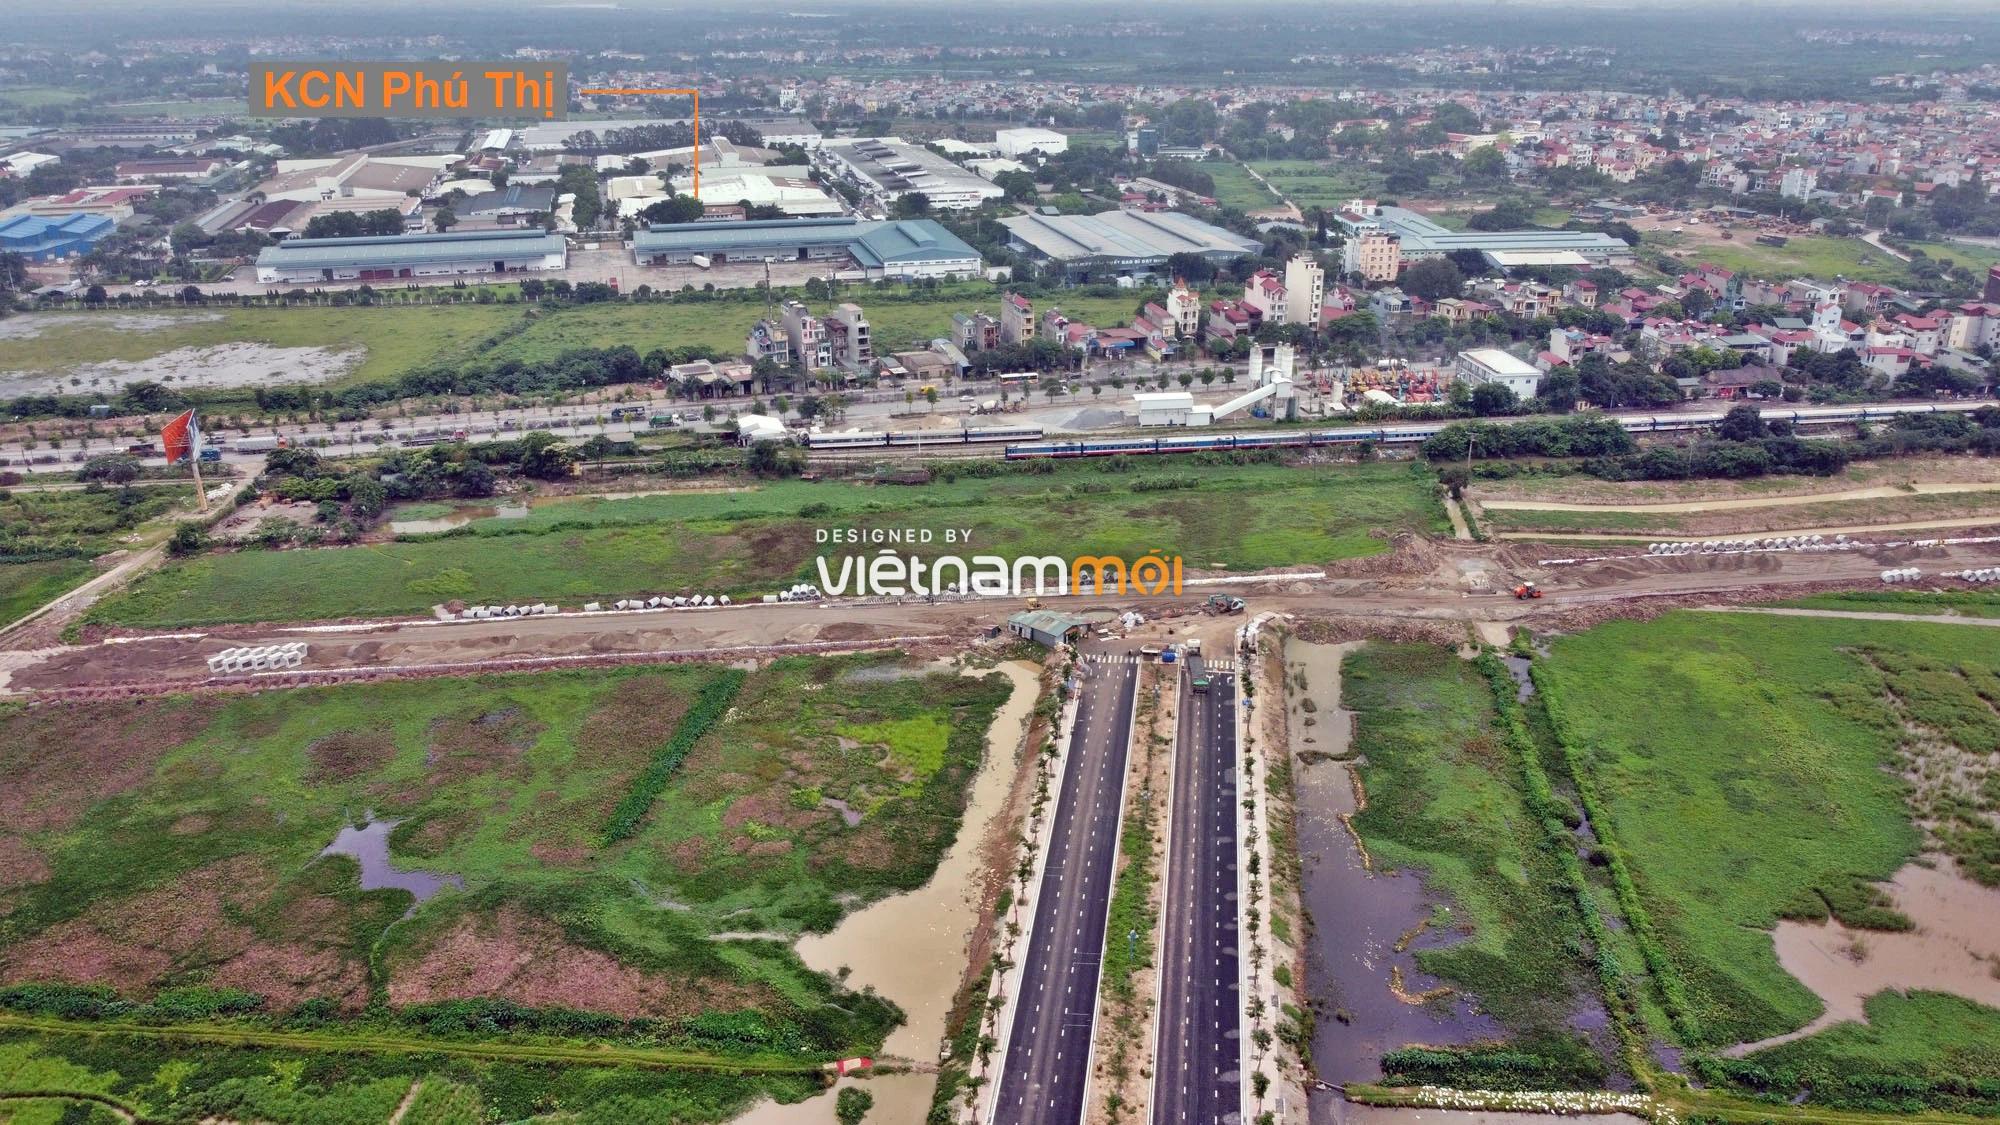 Toàn cảnh tuyến đường gom từ cầu Thanh Trì đến cầu vượt Phú Thị đang mở theo quy hoạch ở Hà Nội - Ảnh 13.